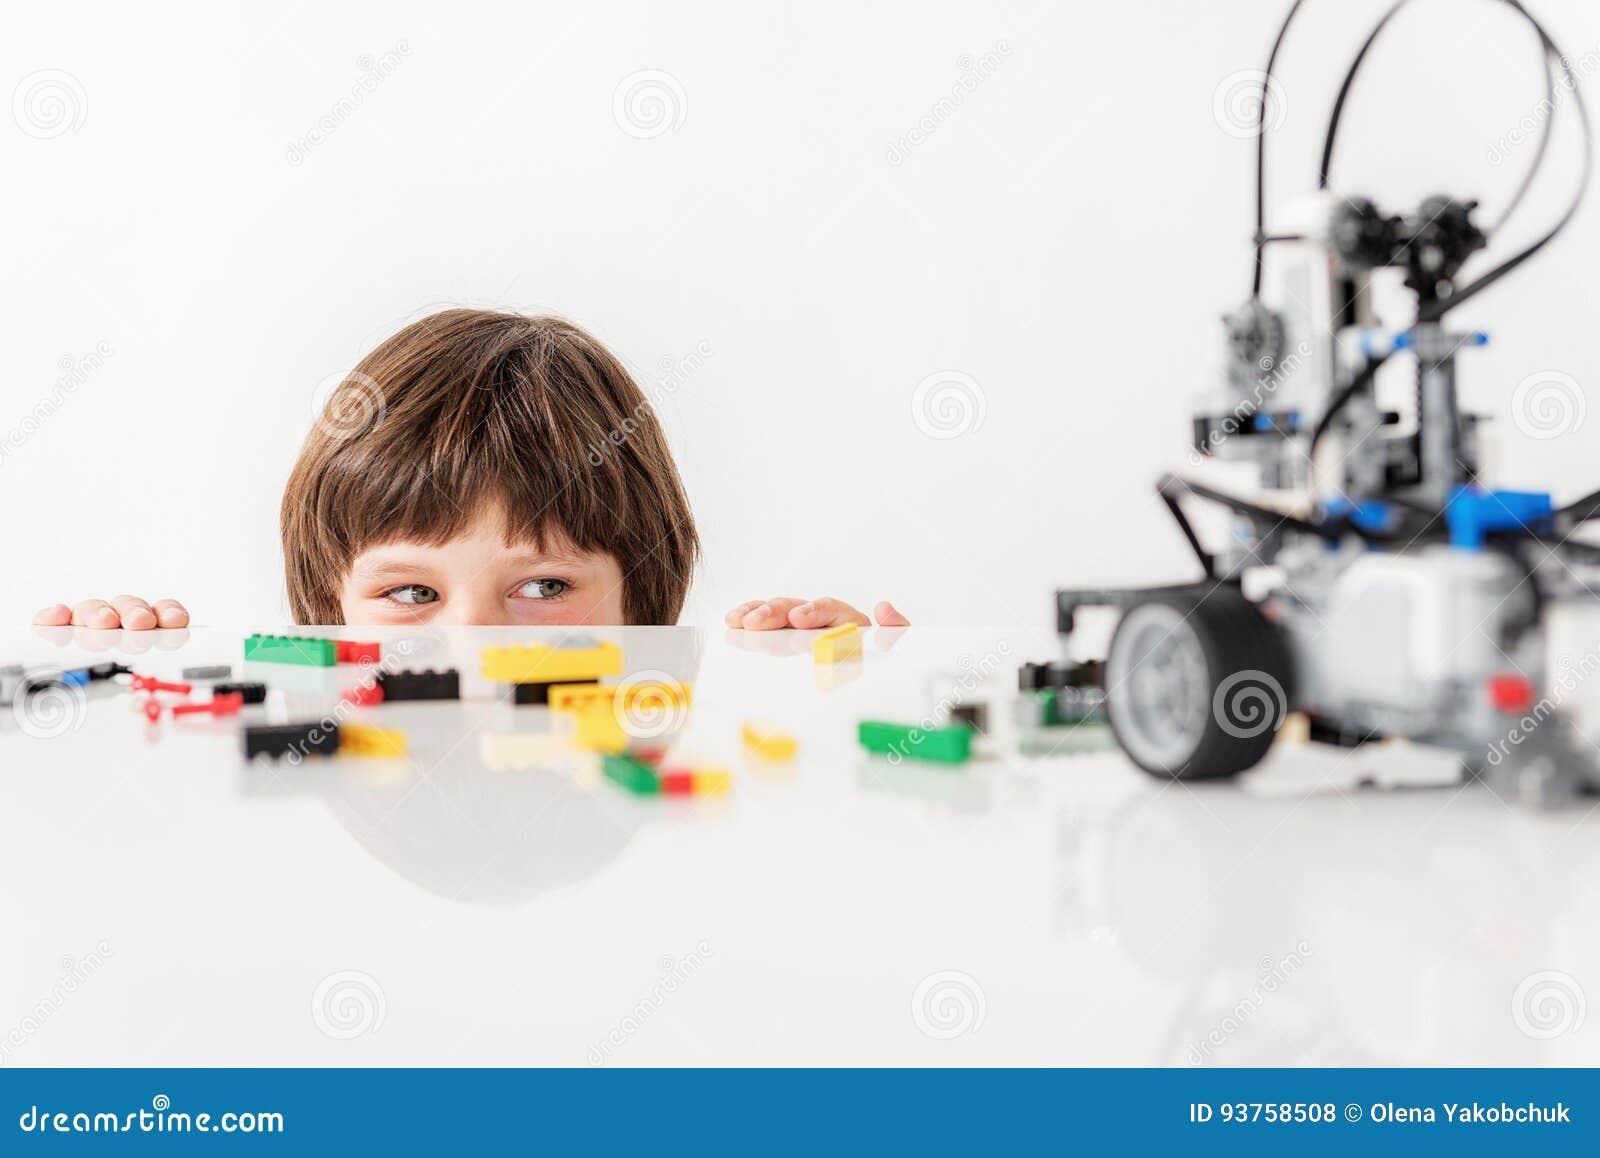 Criança masculina manhoso interessada que olha para o brinquedo